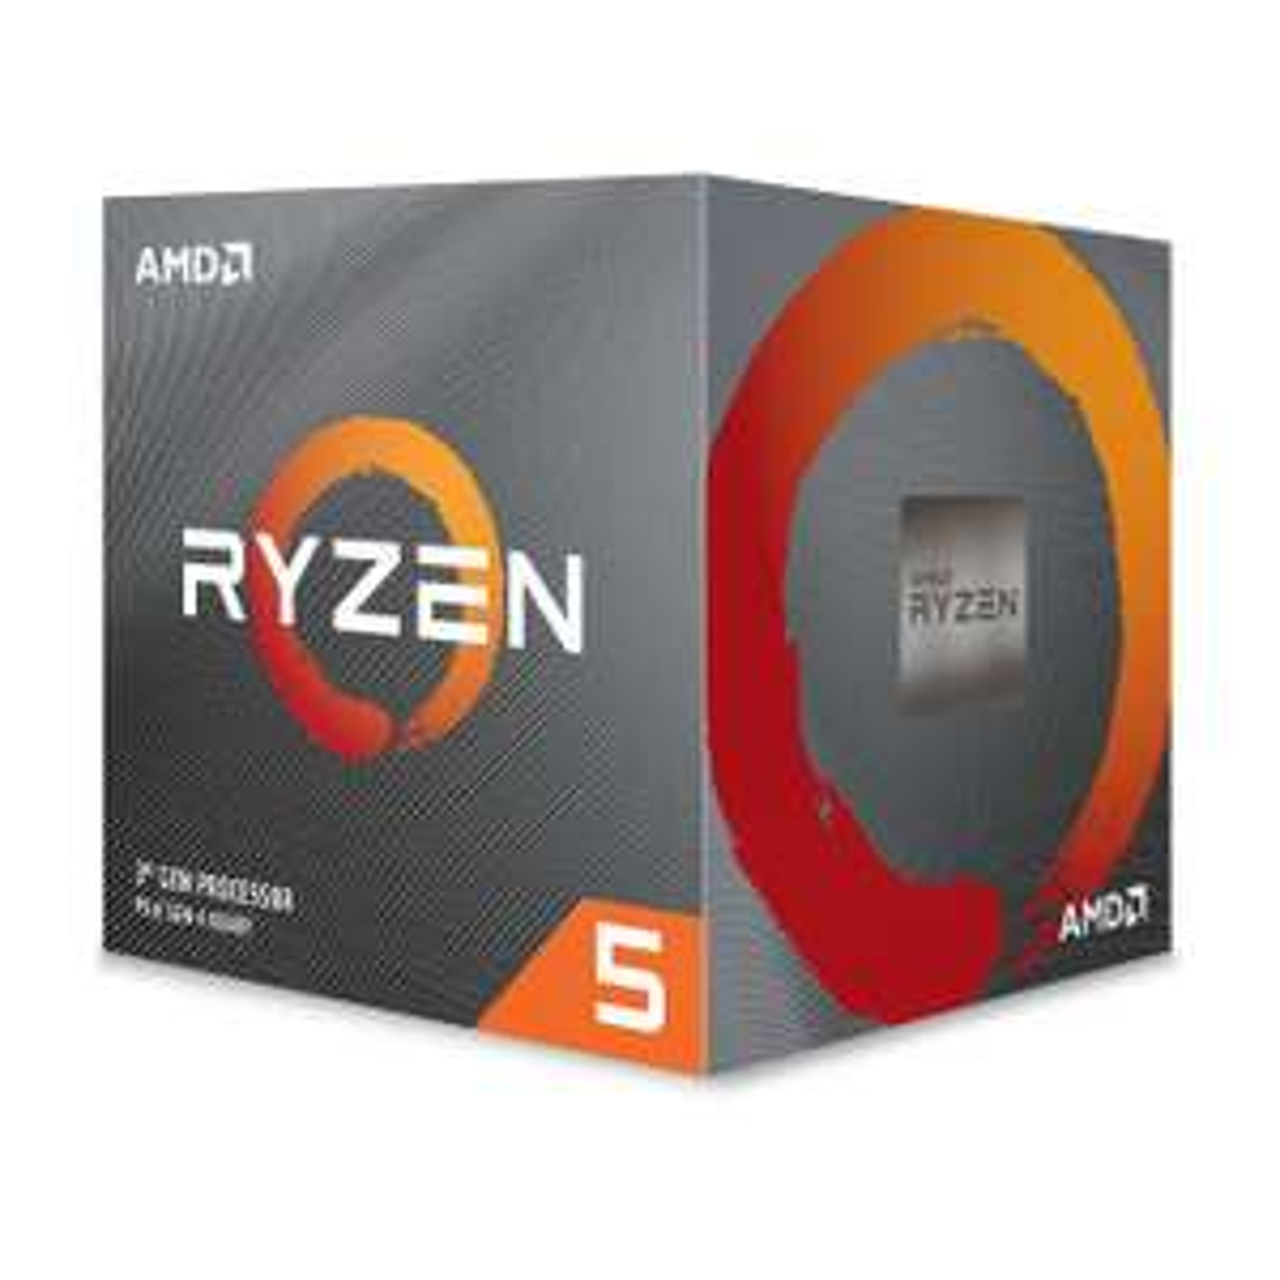 AMD RYZEN 3600XT (6c/12t) 199€ Ohne Versandkosten ab 0 Uhr!